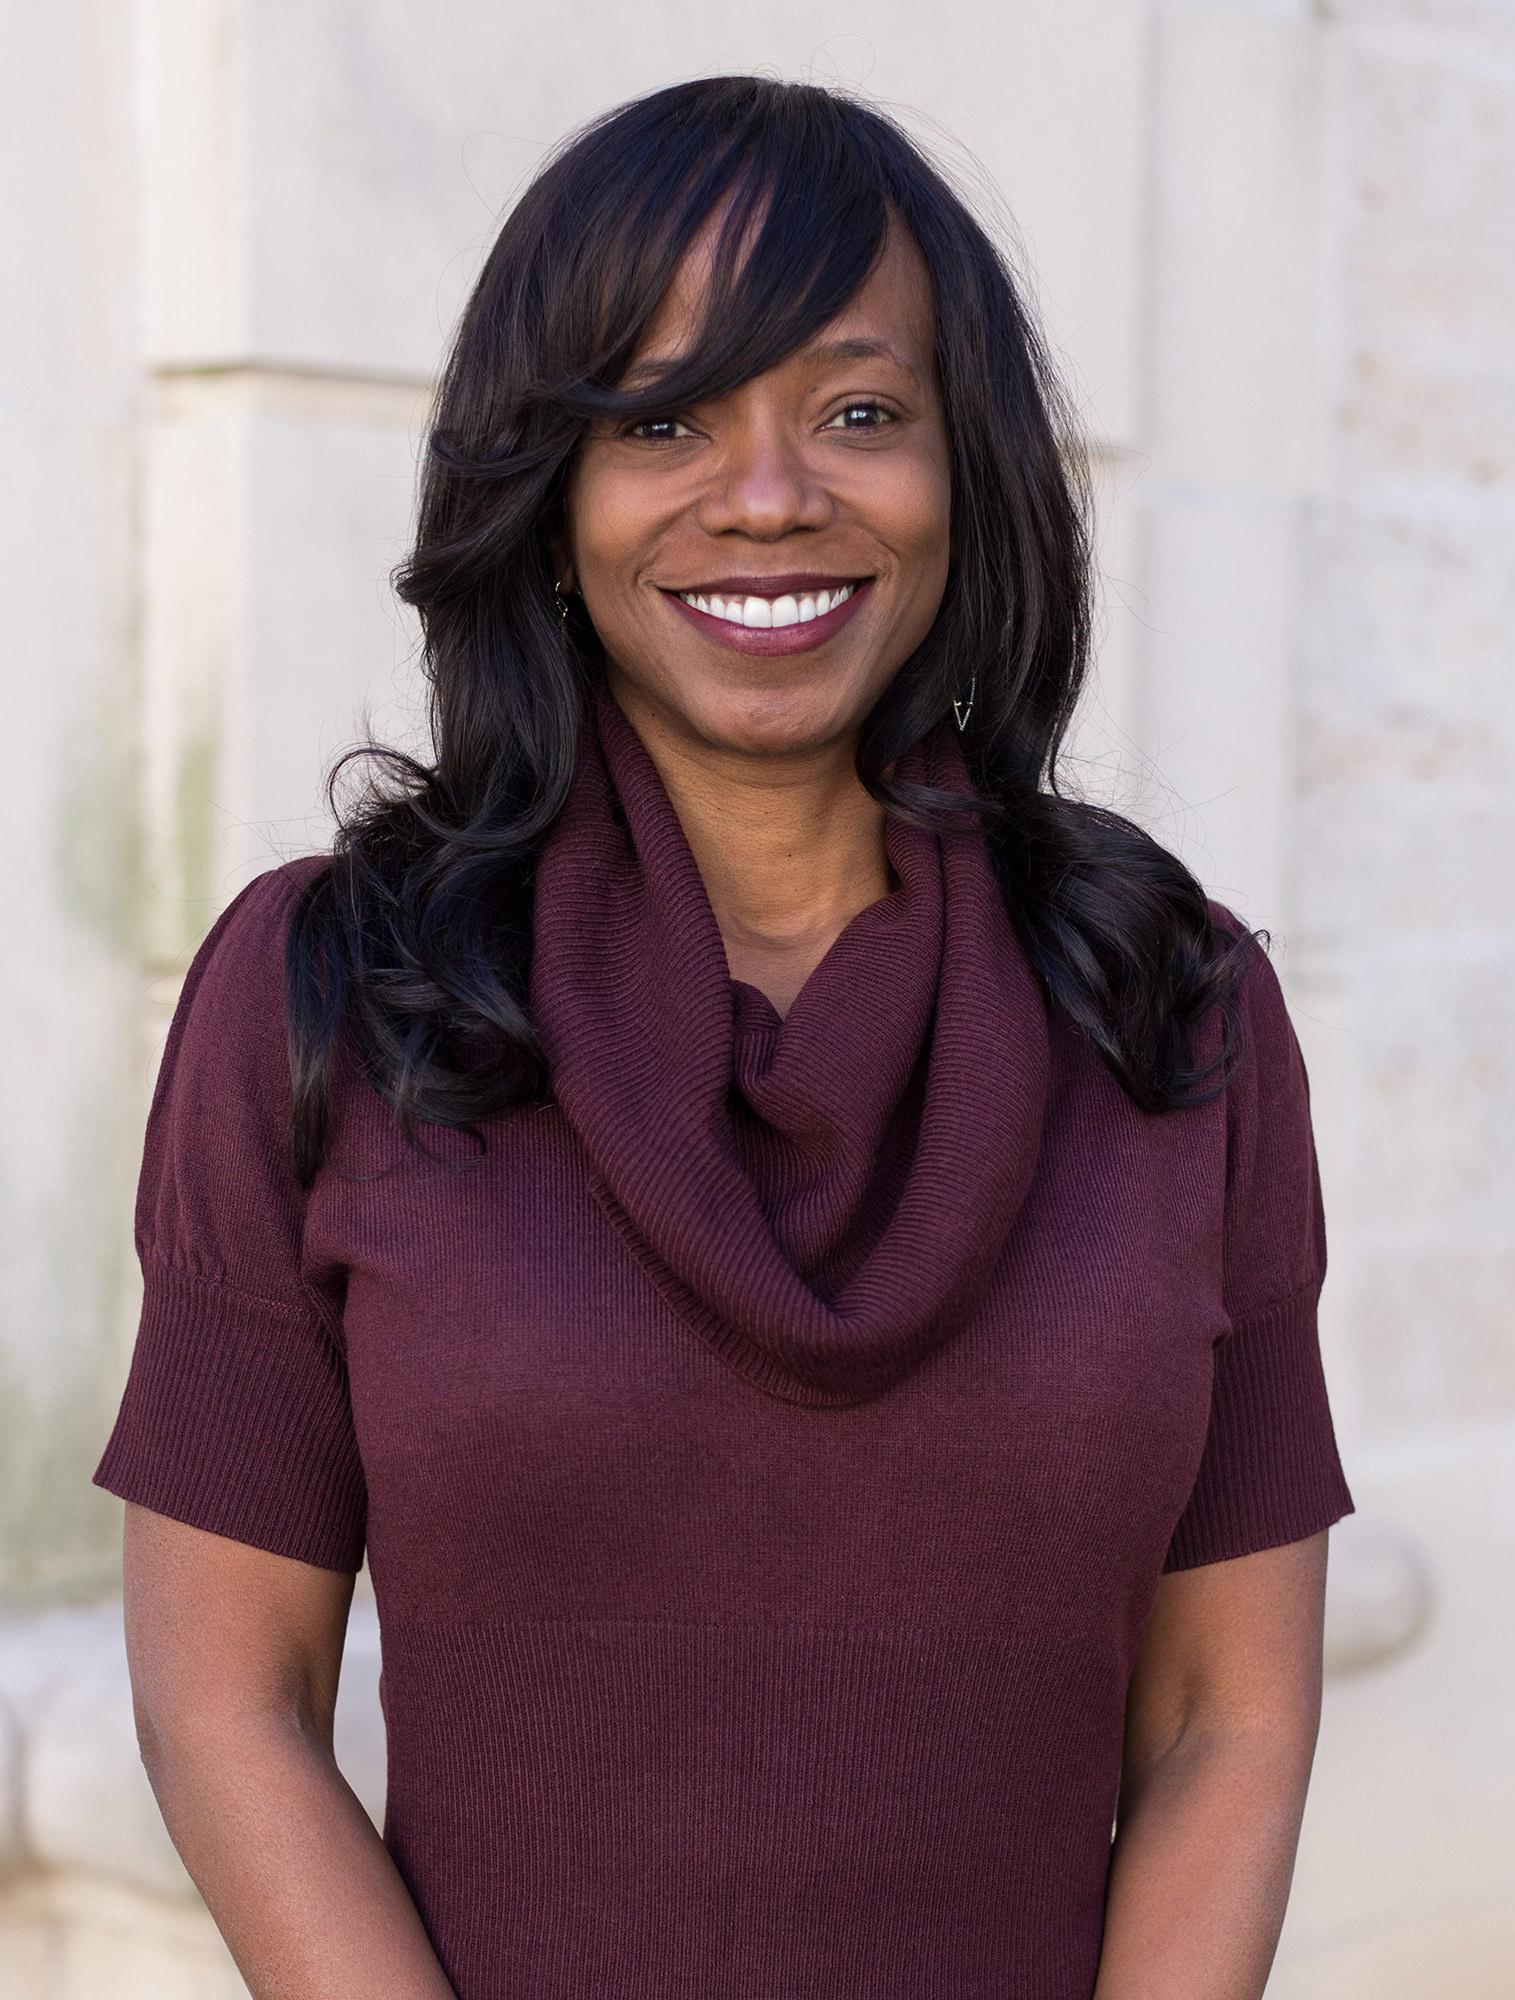 DSP staff member Phaedra White